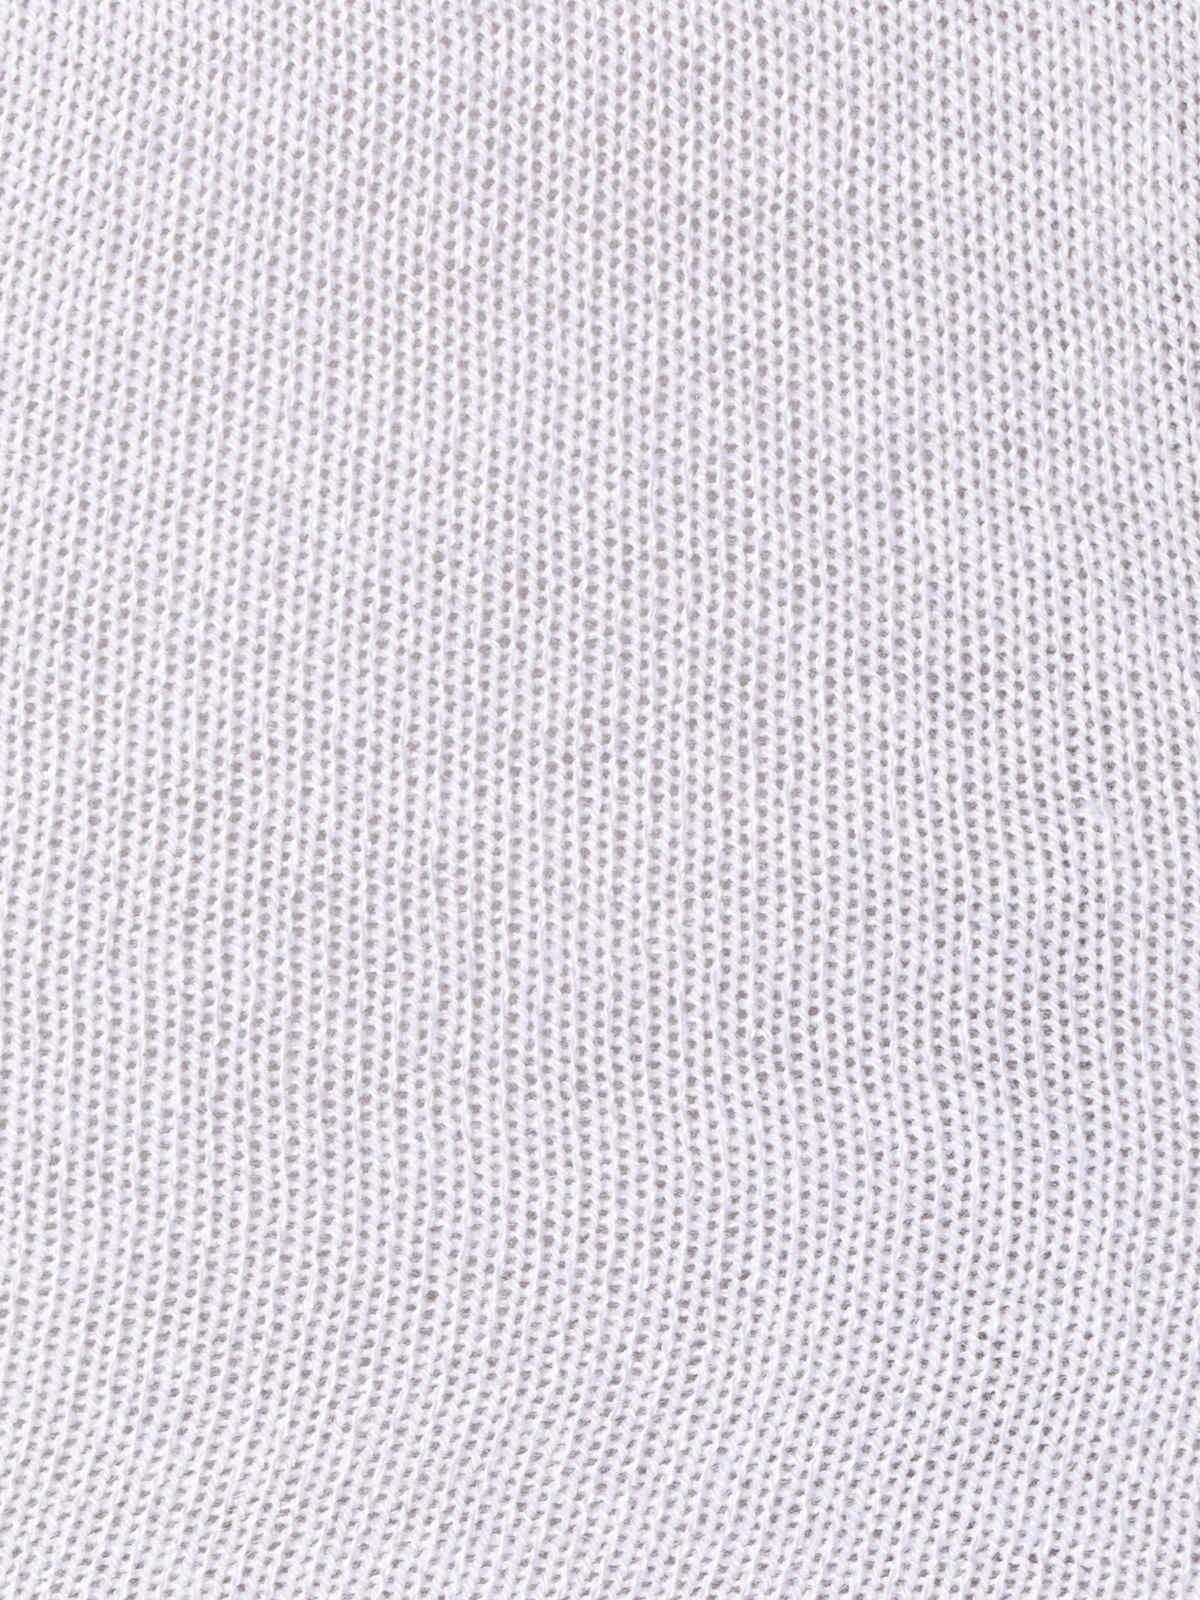 Chaqueta mujer modal manga corta Blanco